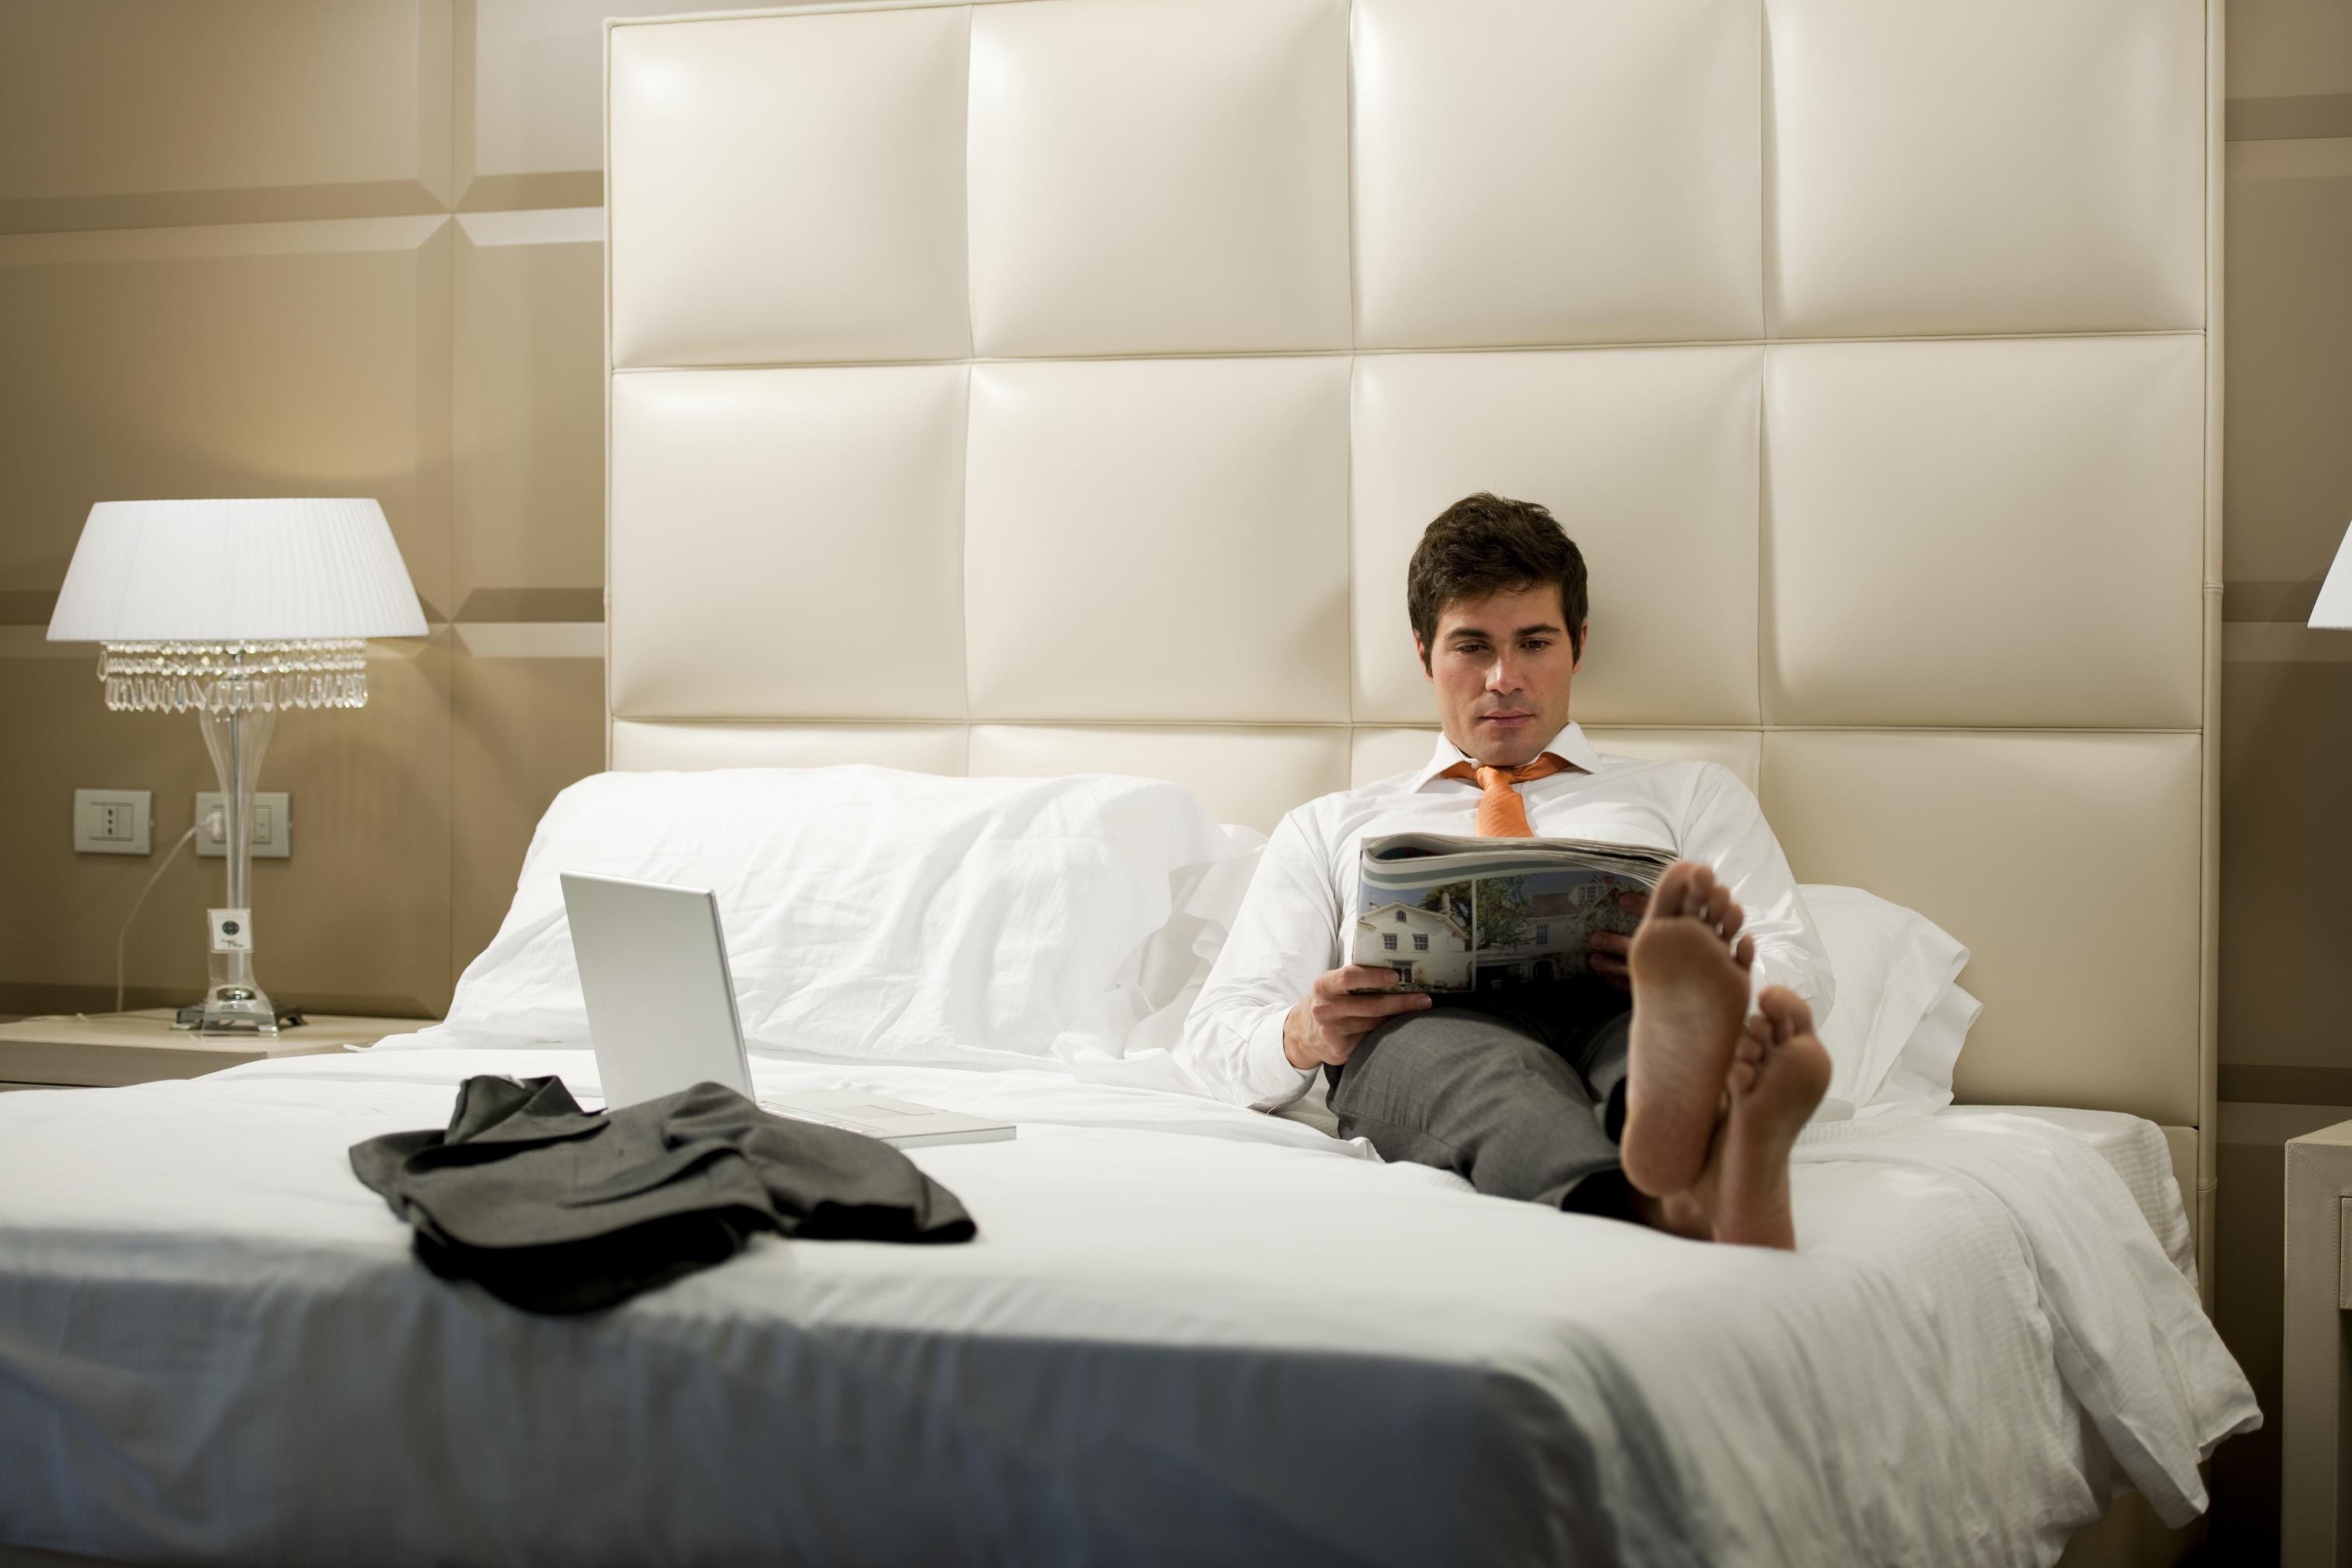 Назван русский город снаибольшим количеством отелей сWi-Fi